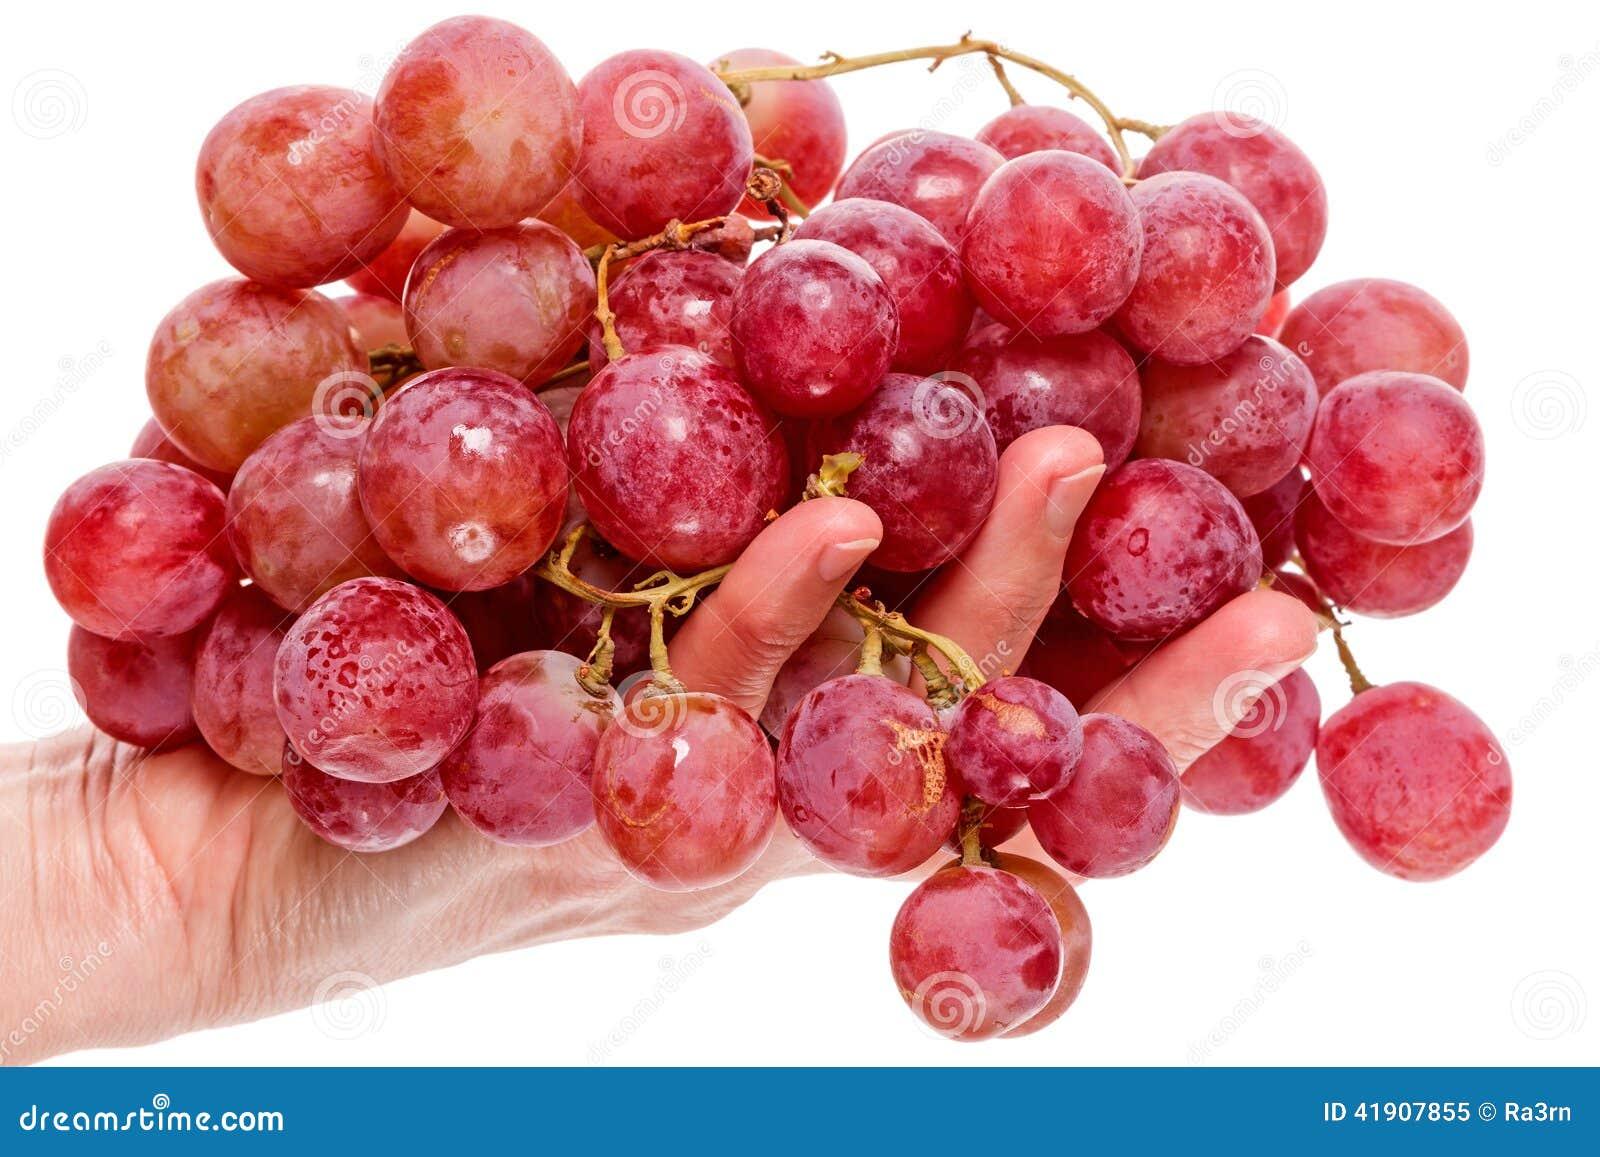 Mano con uvas rojas grandes